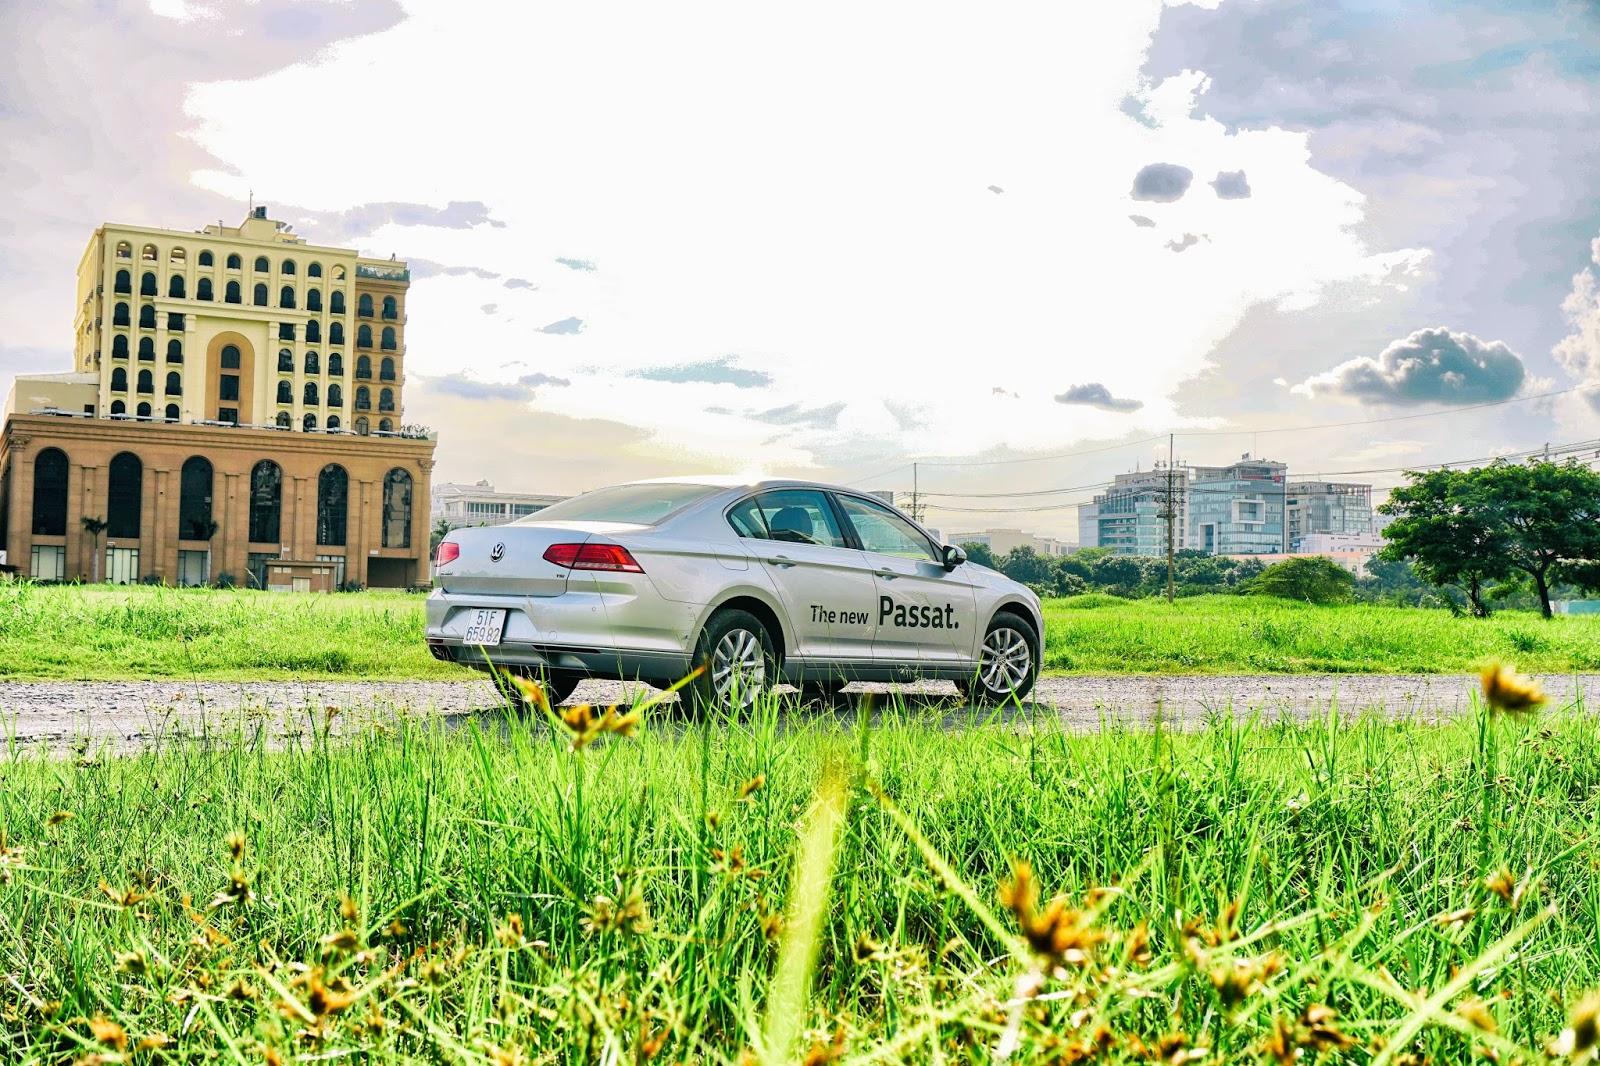 Nếu muốn một chiếc xe Đức, giá...Việt, thì Volkswagen Passat là lựa chọn tuyệt vời